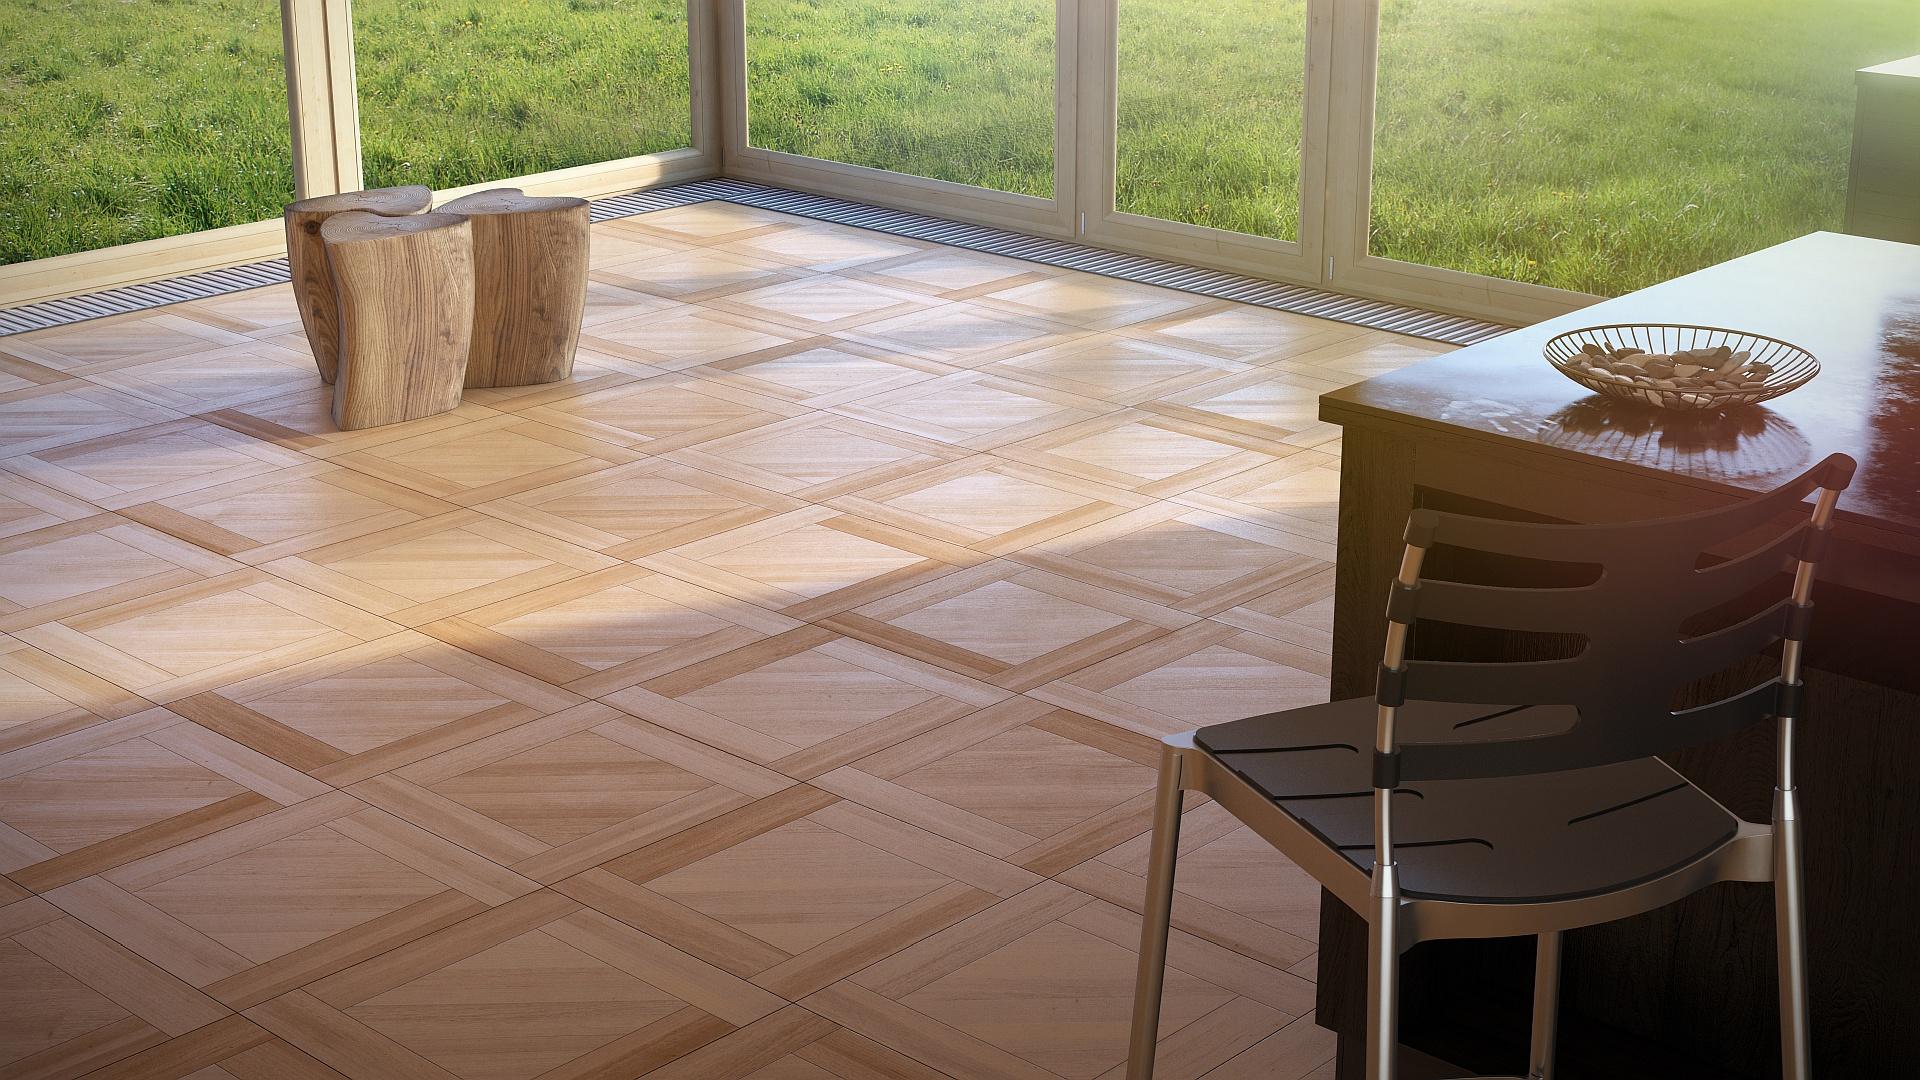 White Afara - refurbished parquet floor